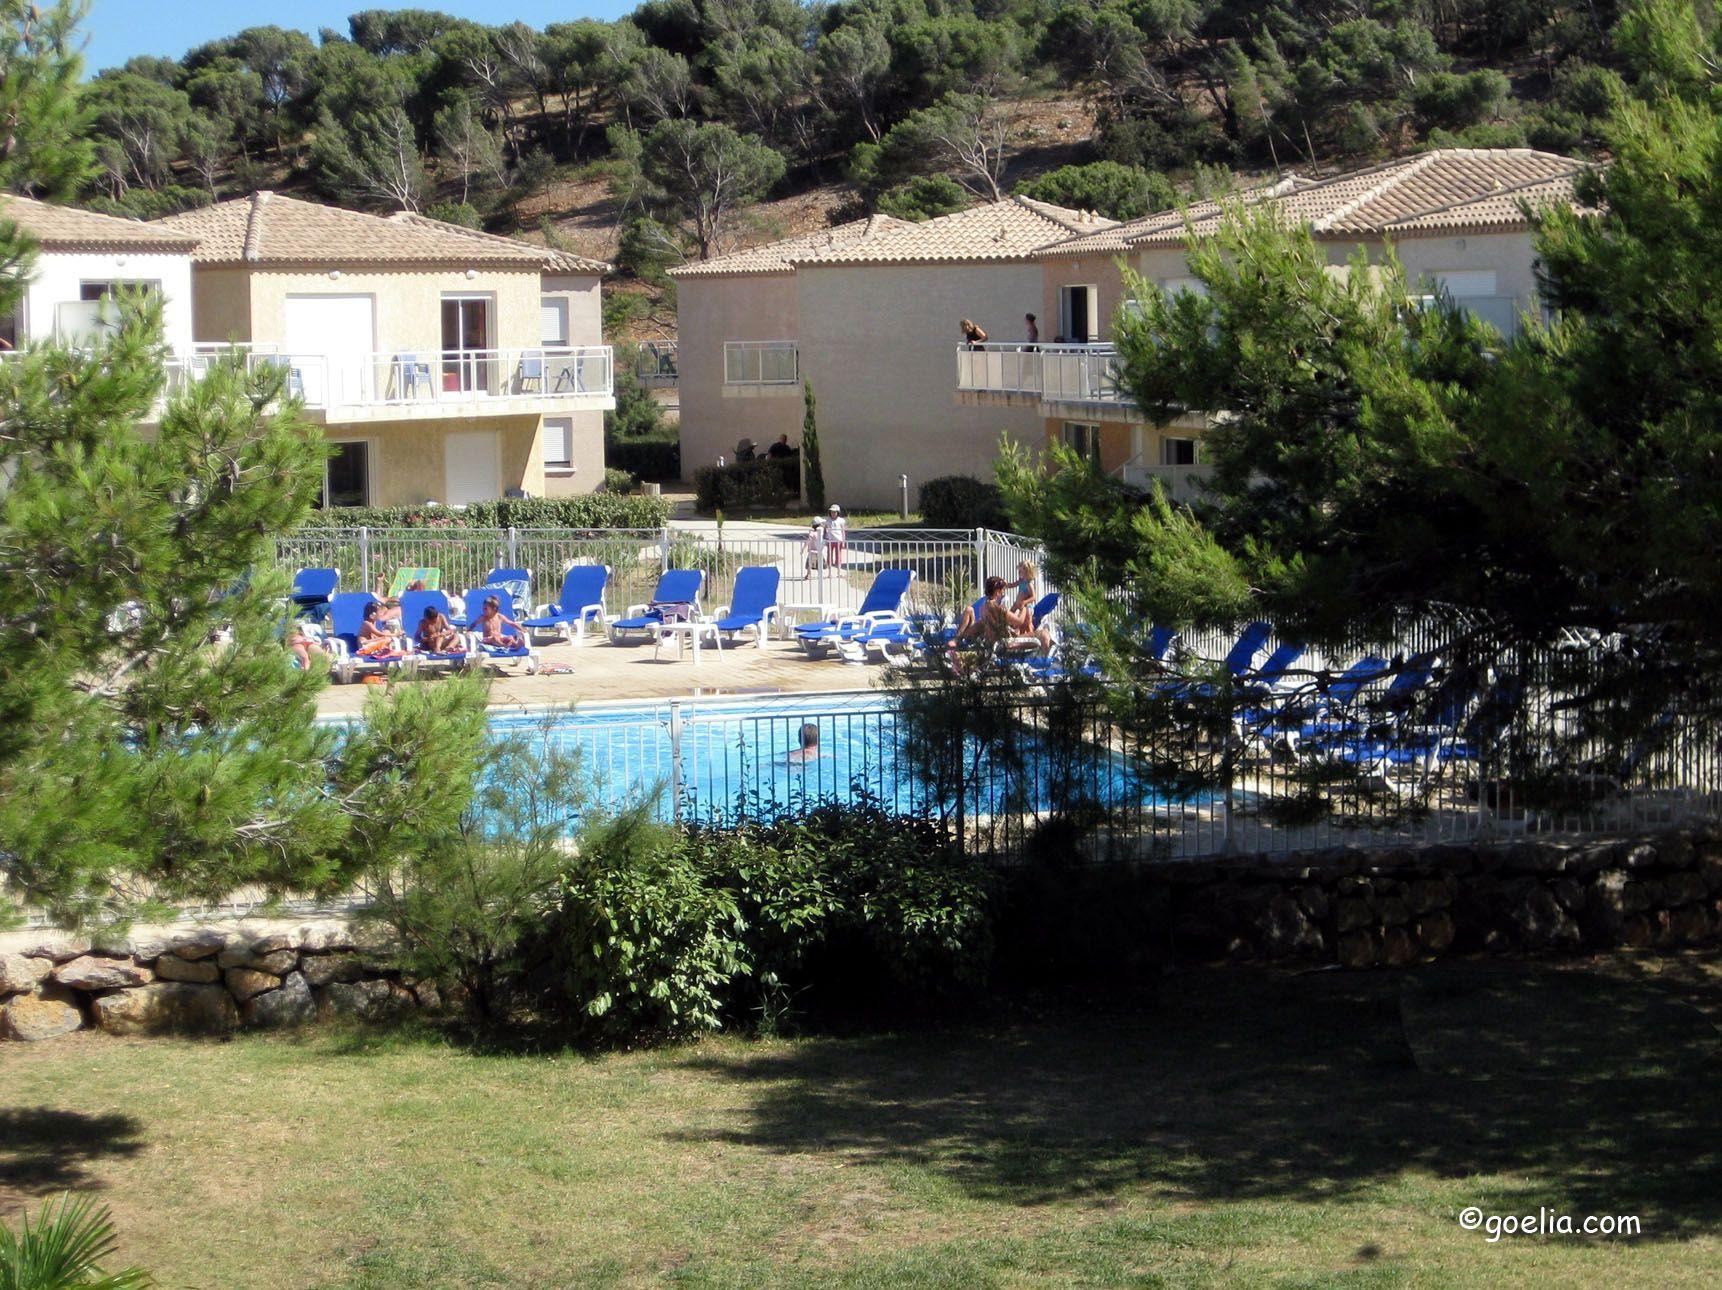 Goélia Les Jardins De Phoebus | Residence De Vacances ... intérieur Piscine Gruissan